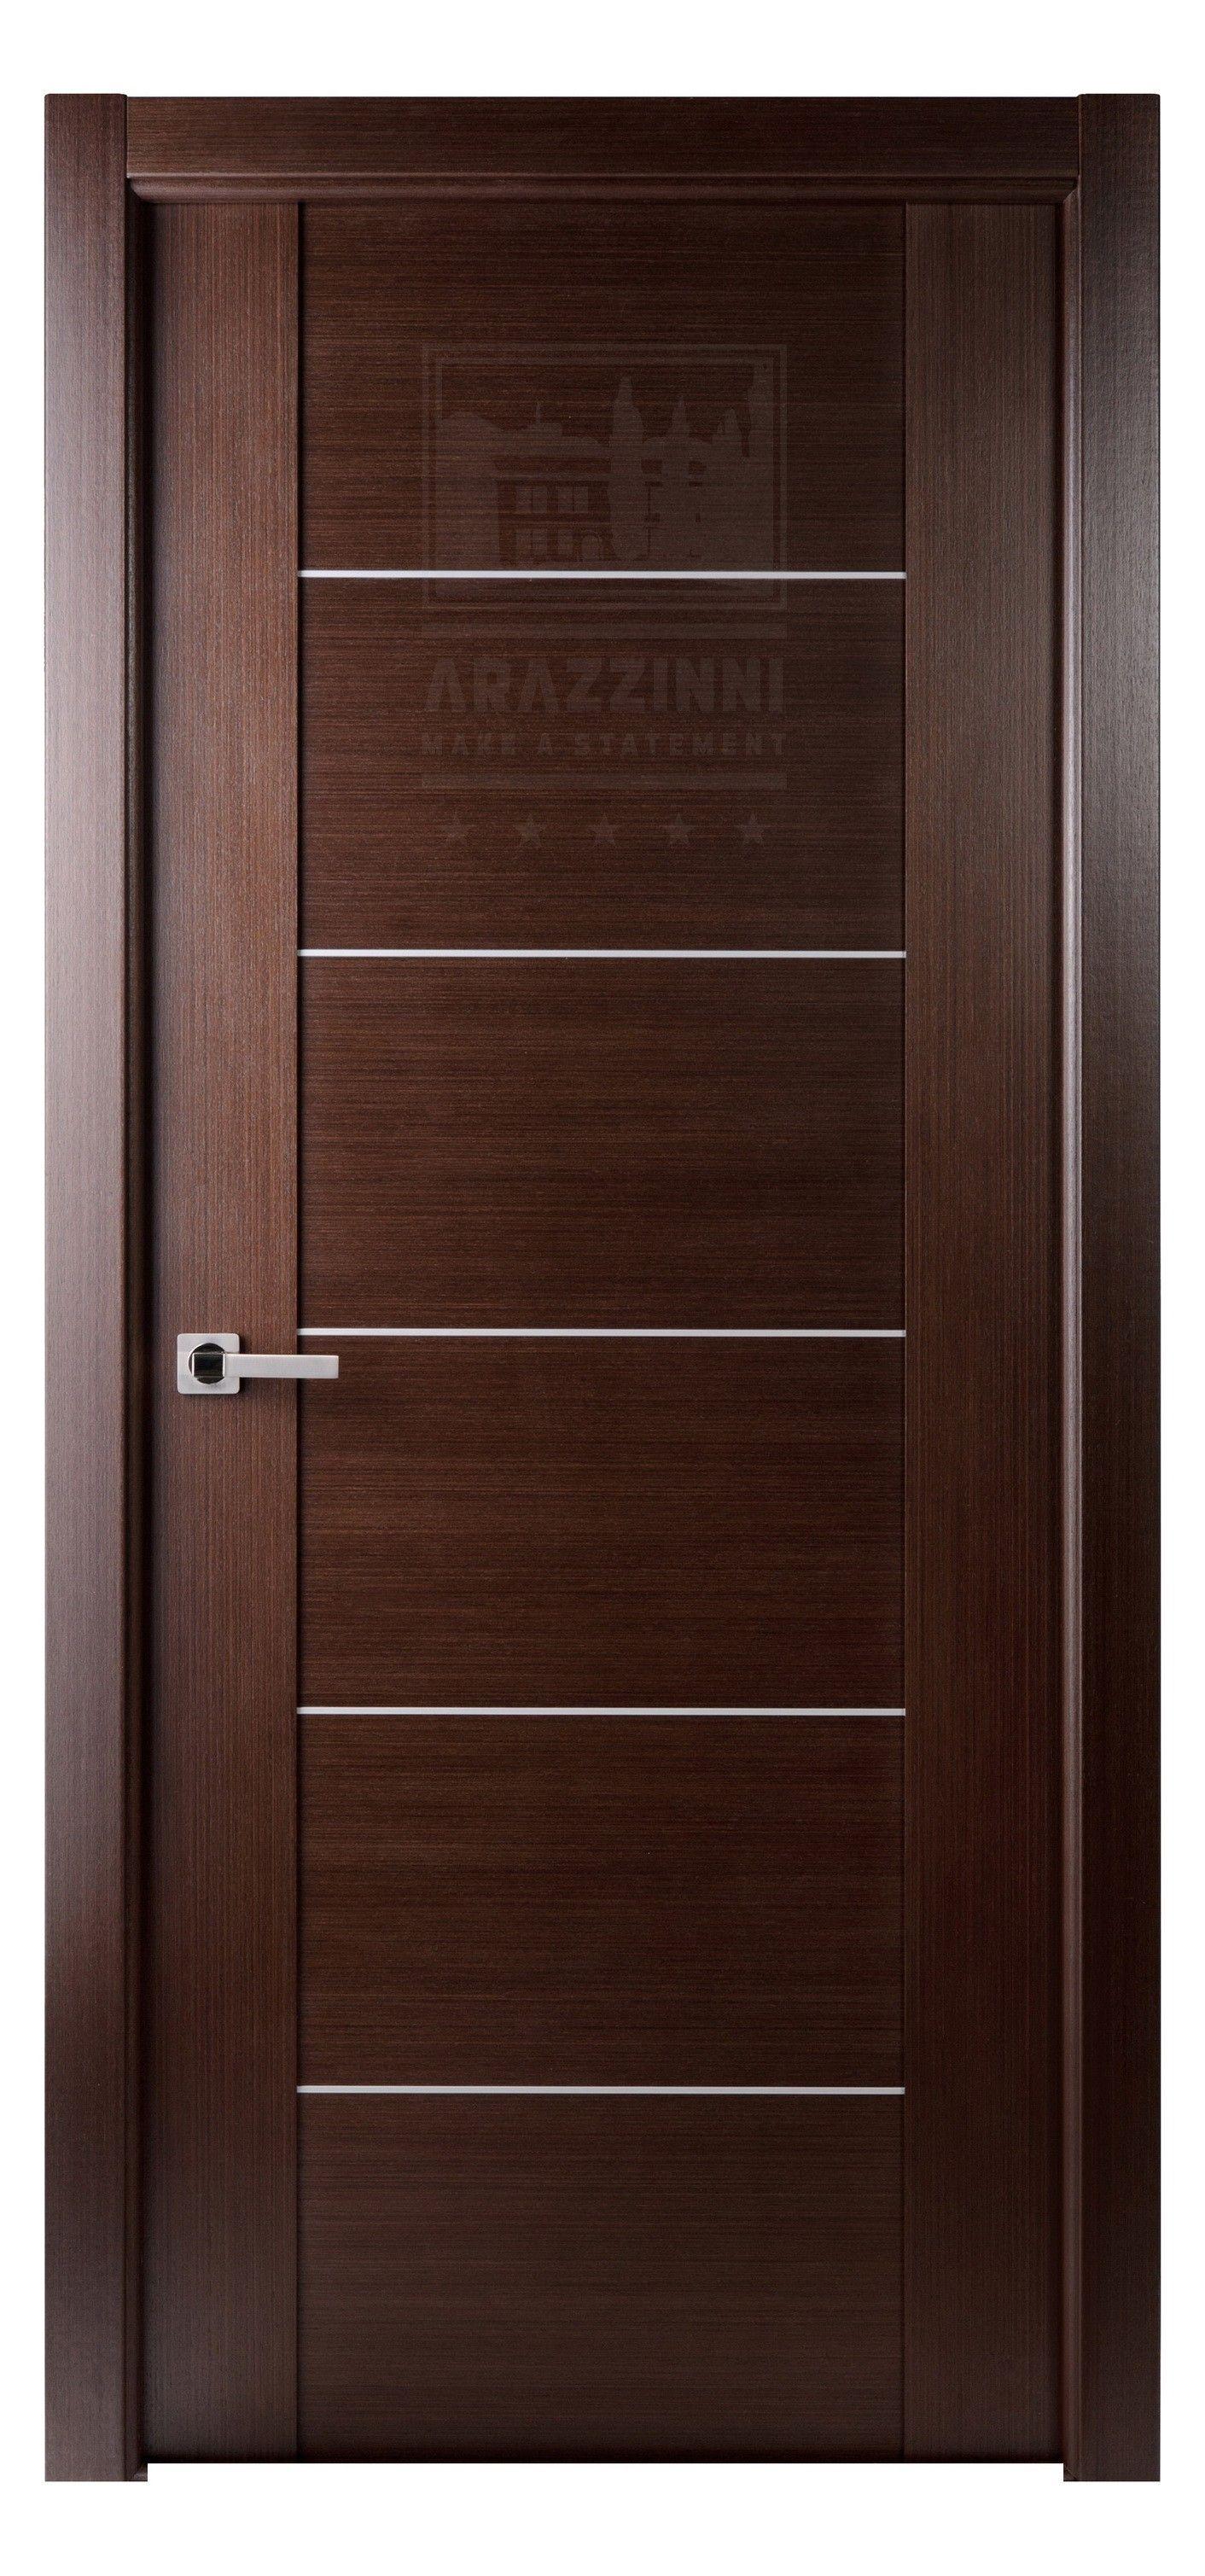 Maximum 201 Interior Door In A Wenge Finish With 5